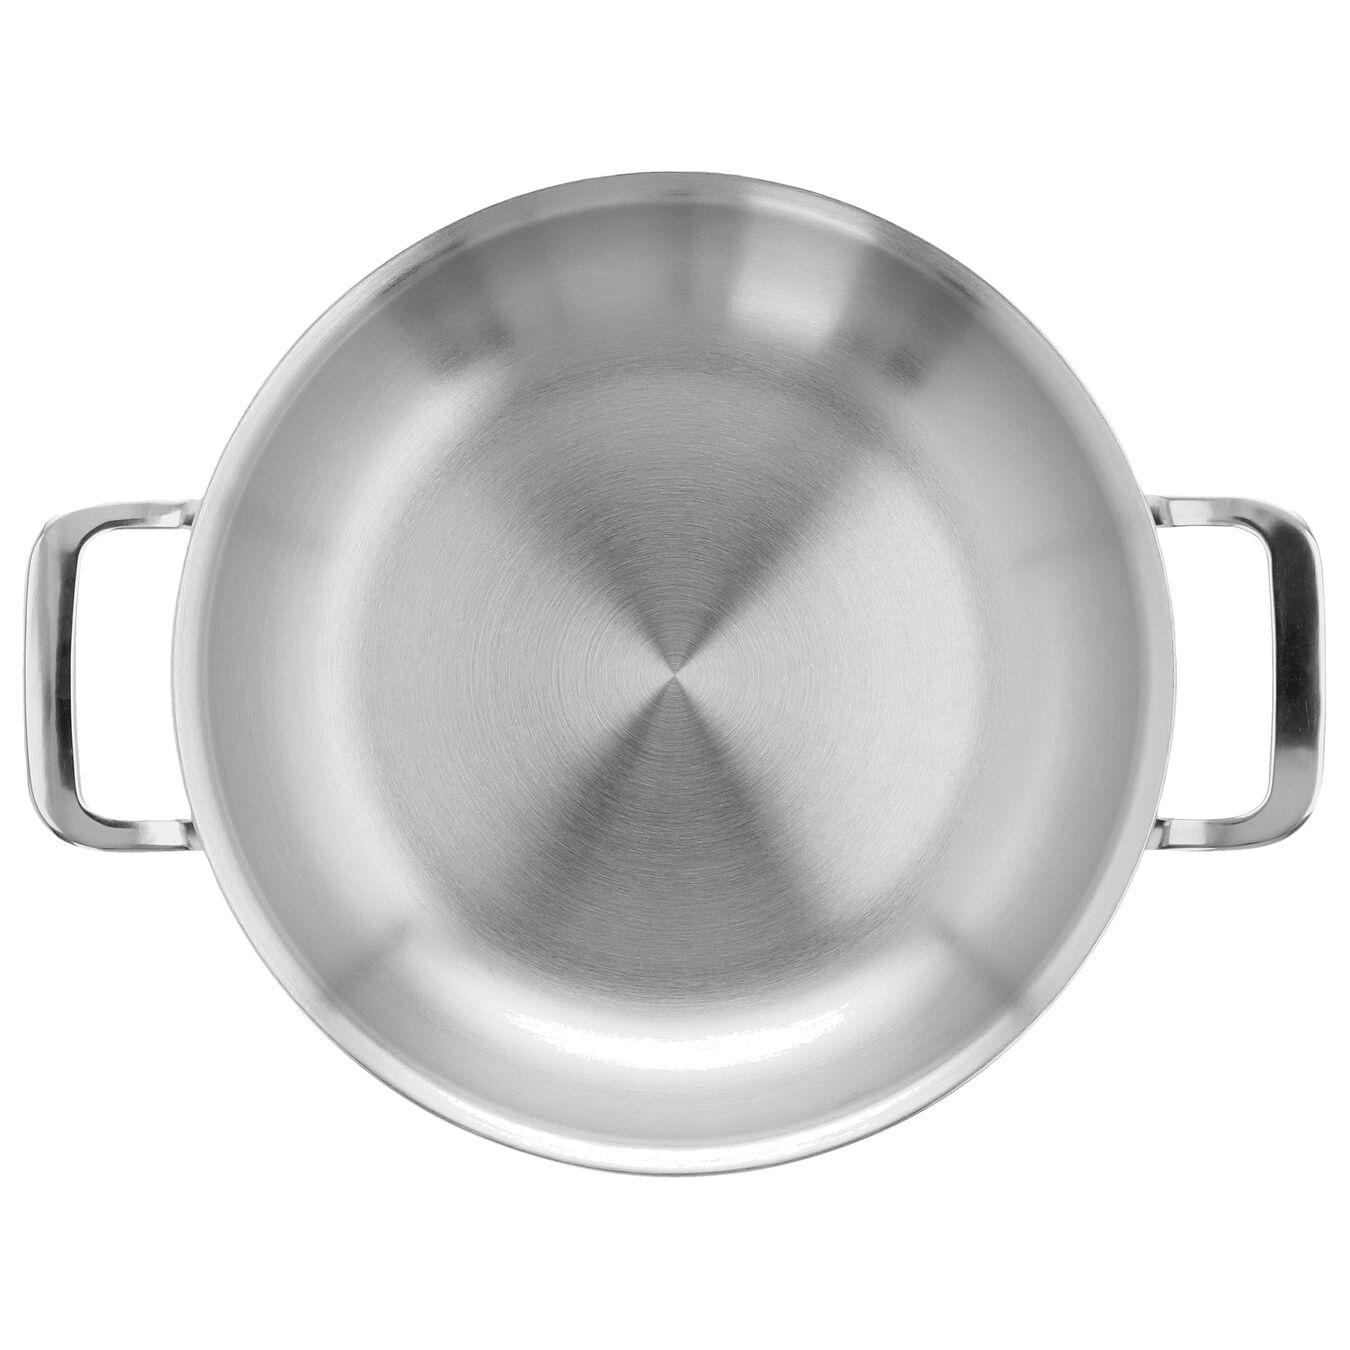 Bakpan met 2 handgrepen Zilverkleurig 24 cm,,large 5